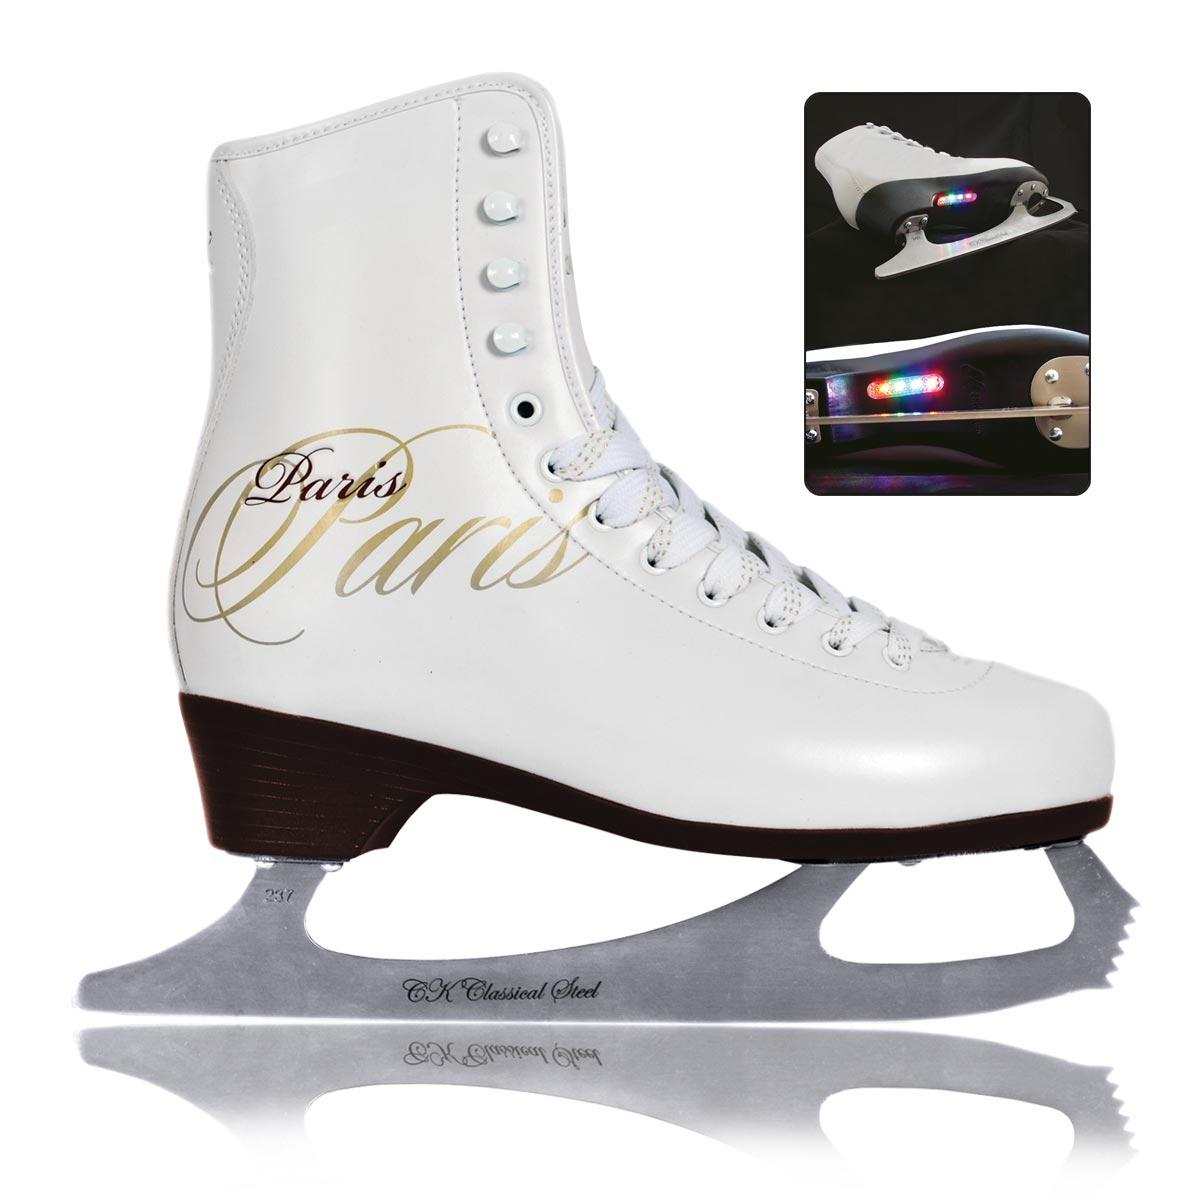 Коньки фигурные для девочки СК Paris Lux Fur, цвет: белый. Размер 34PARIS LUX fur_белый_34